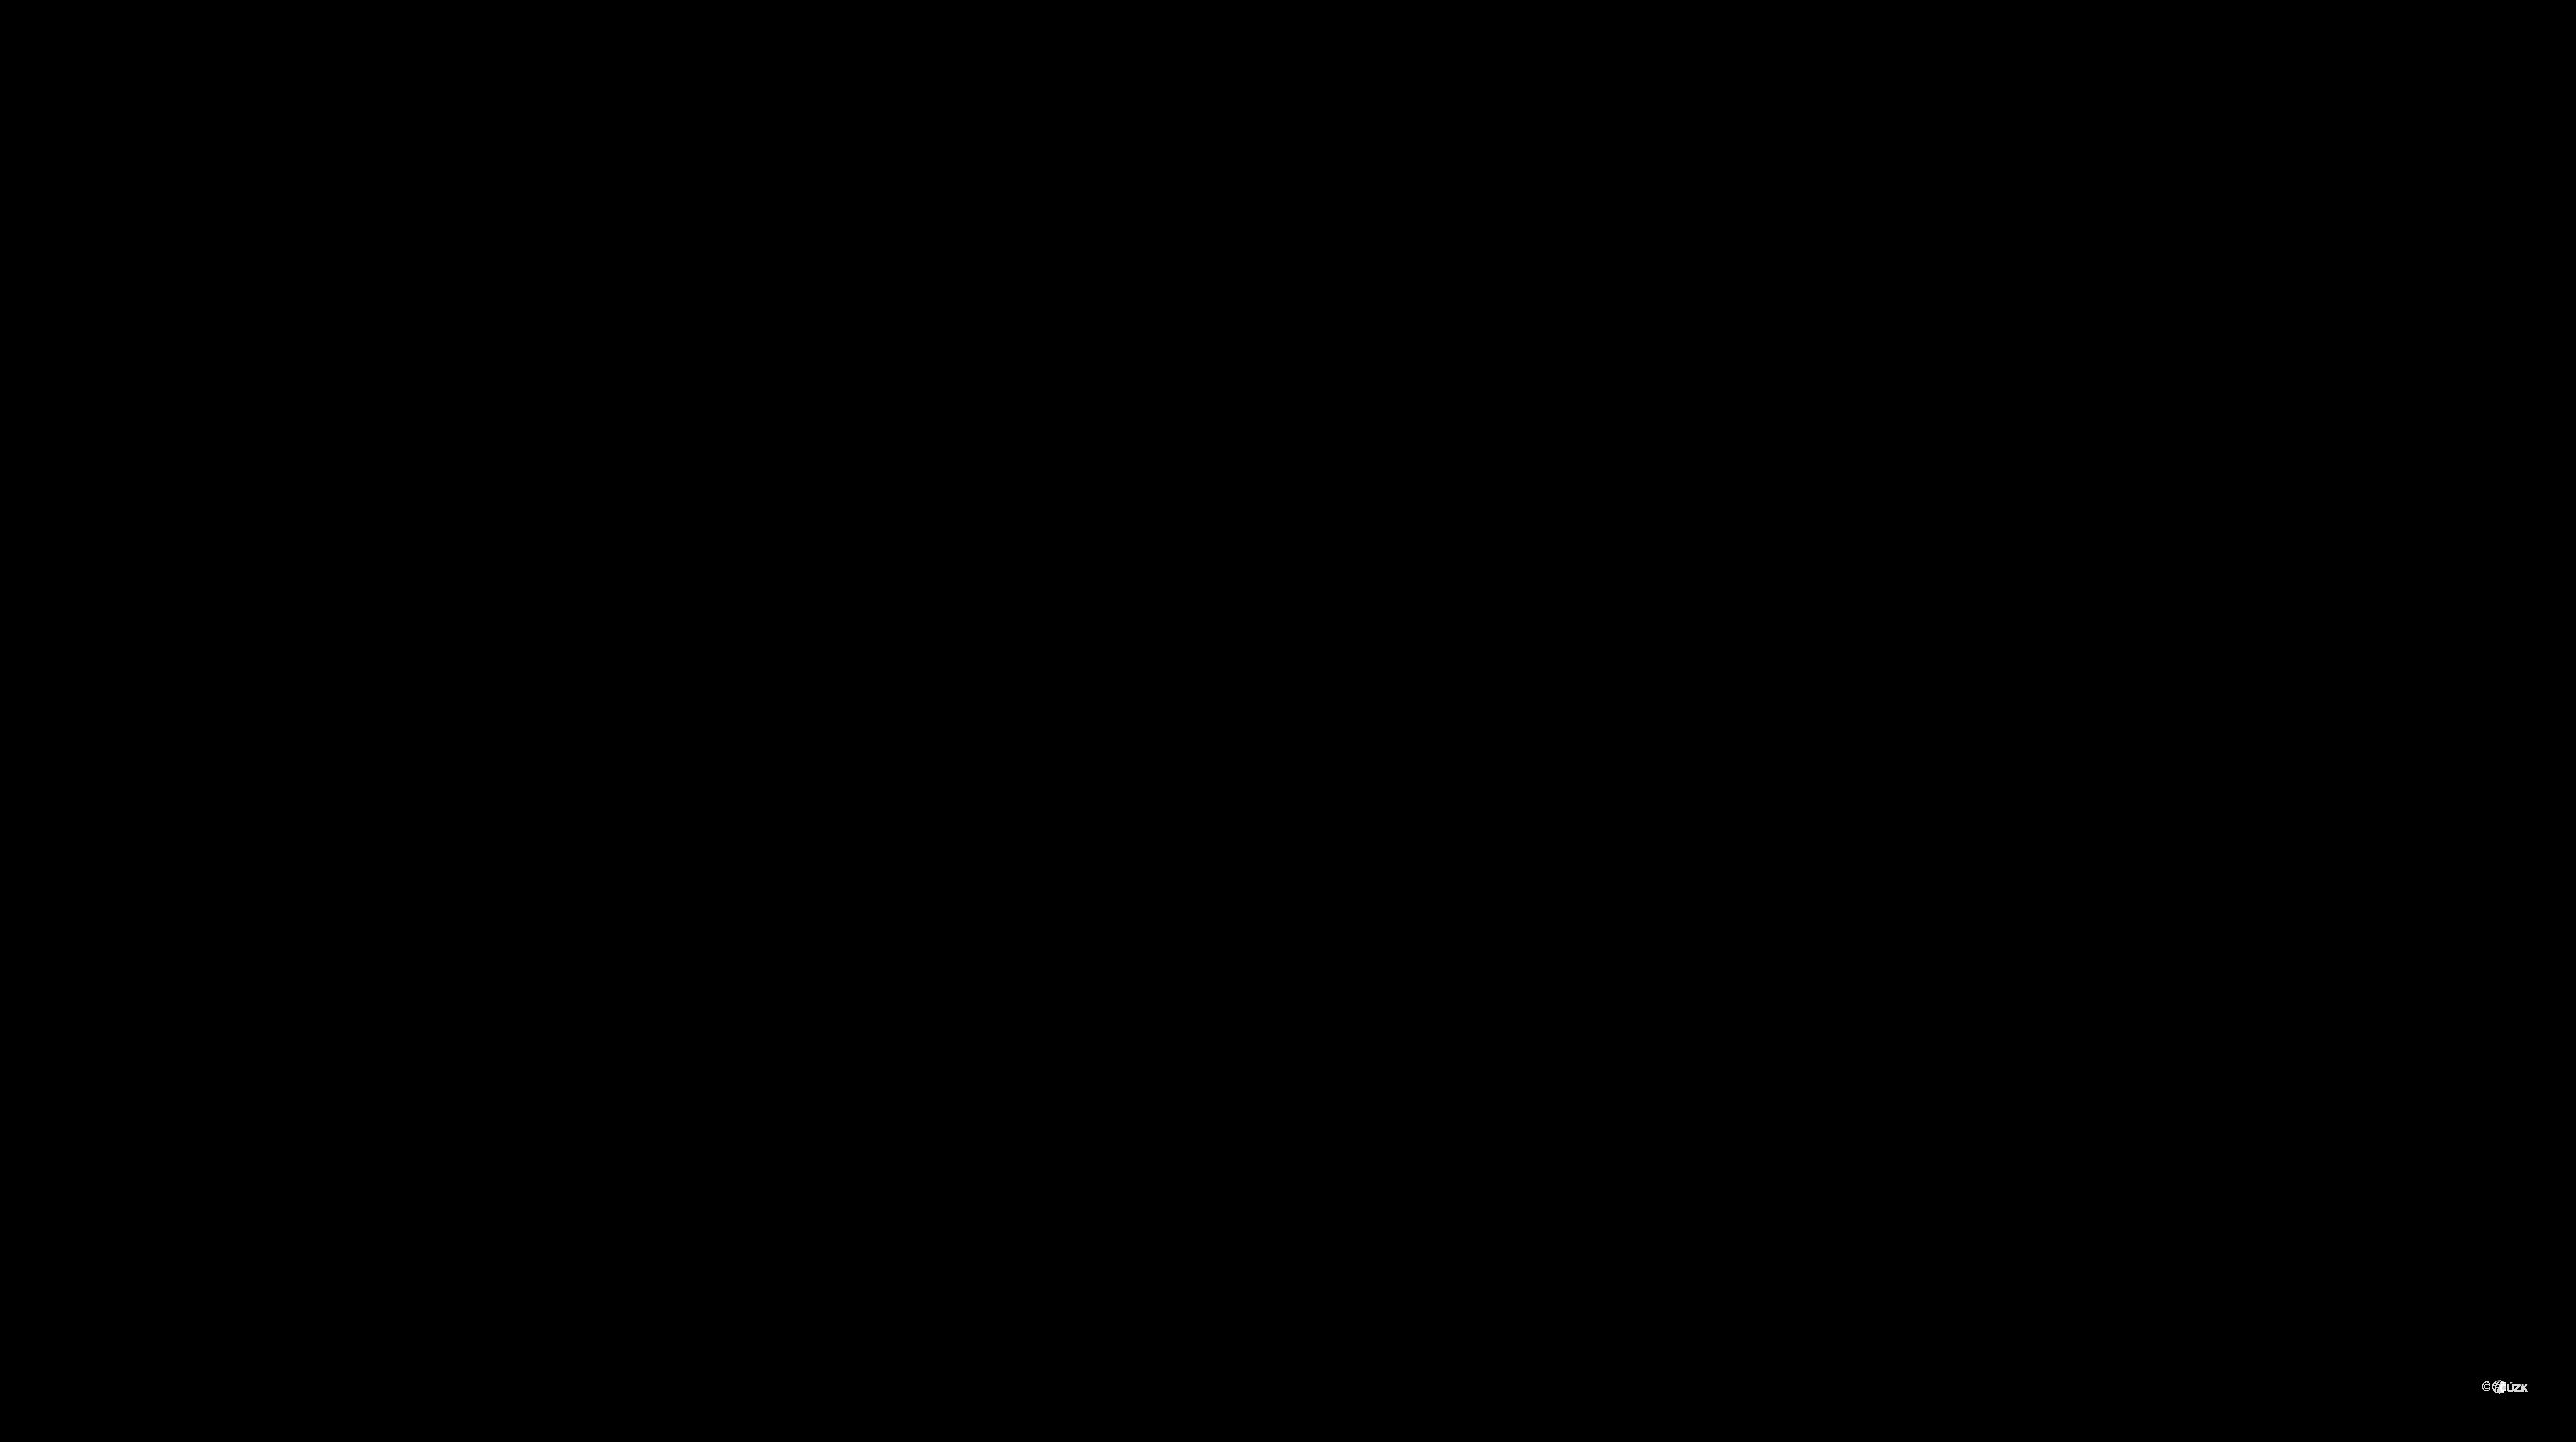 Katastrální mapa pozemků a čísla parcel Břilice